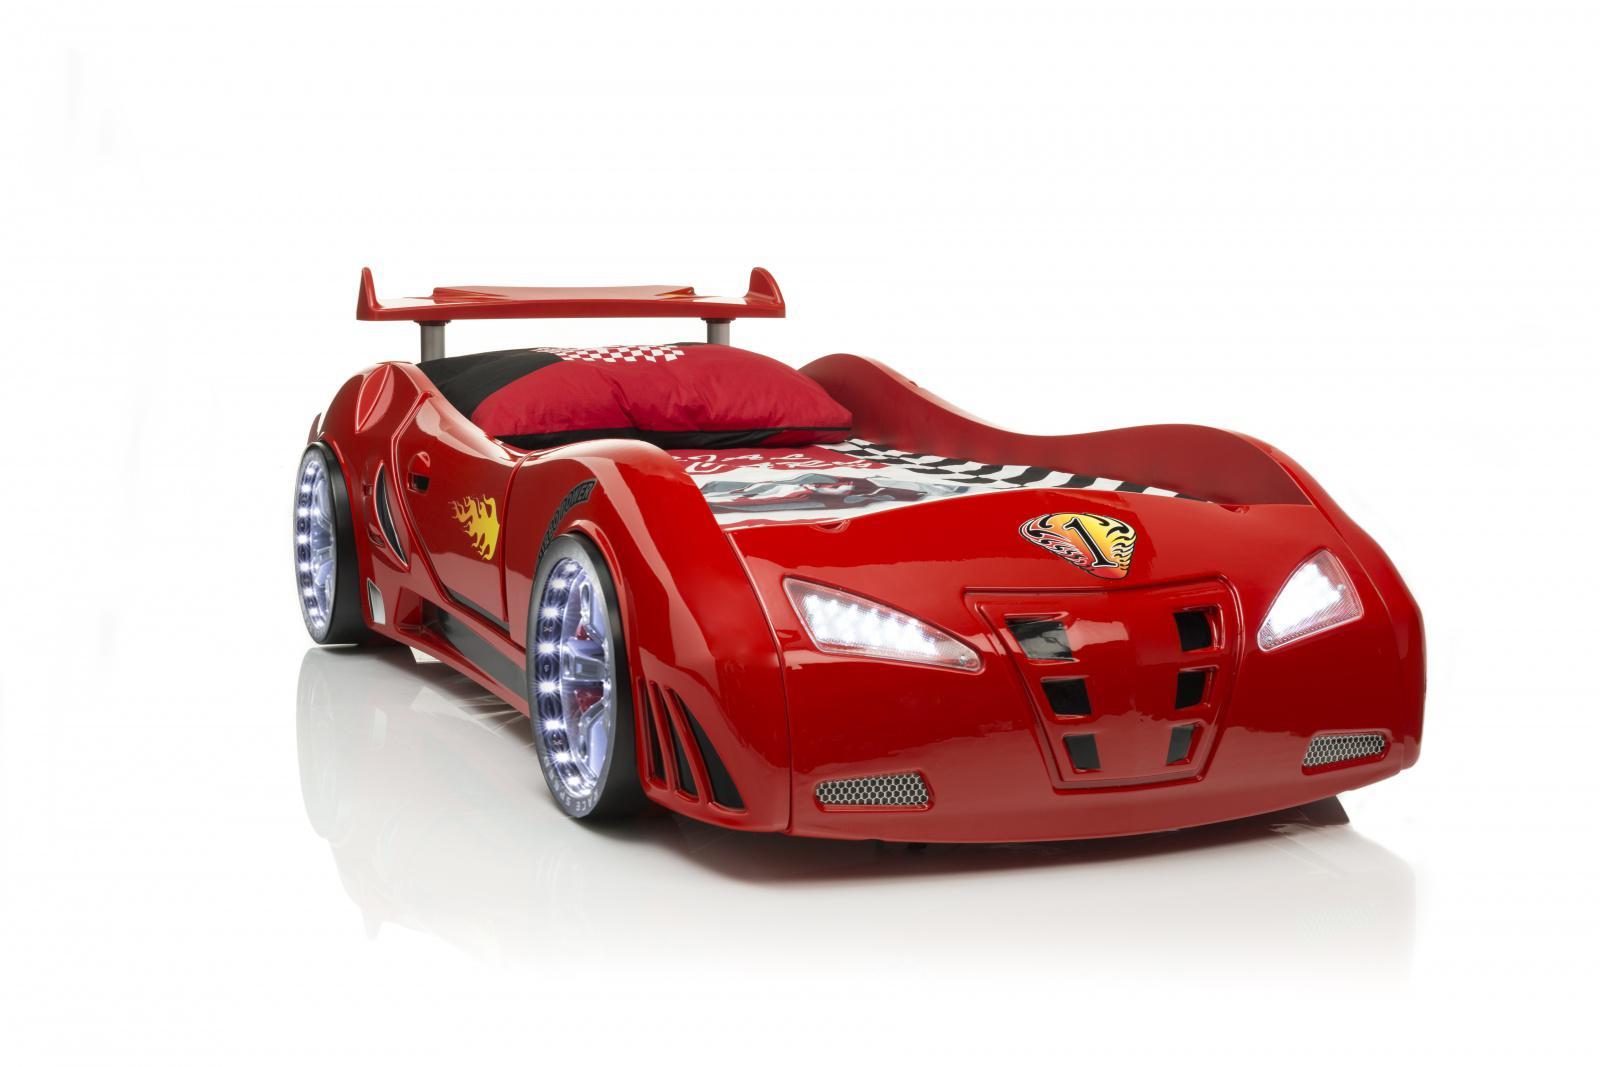 Cars Bett 90x200: Autobett-Kinderbett RedCar Mit Full Funktion